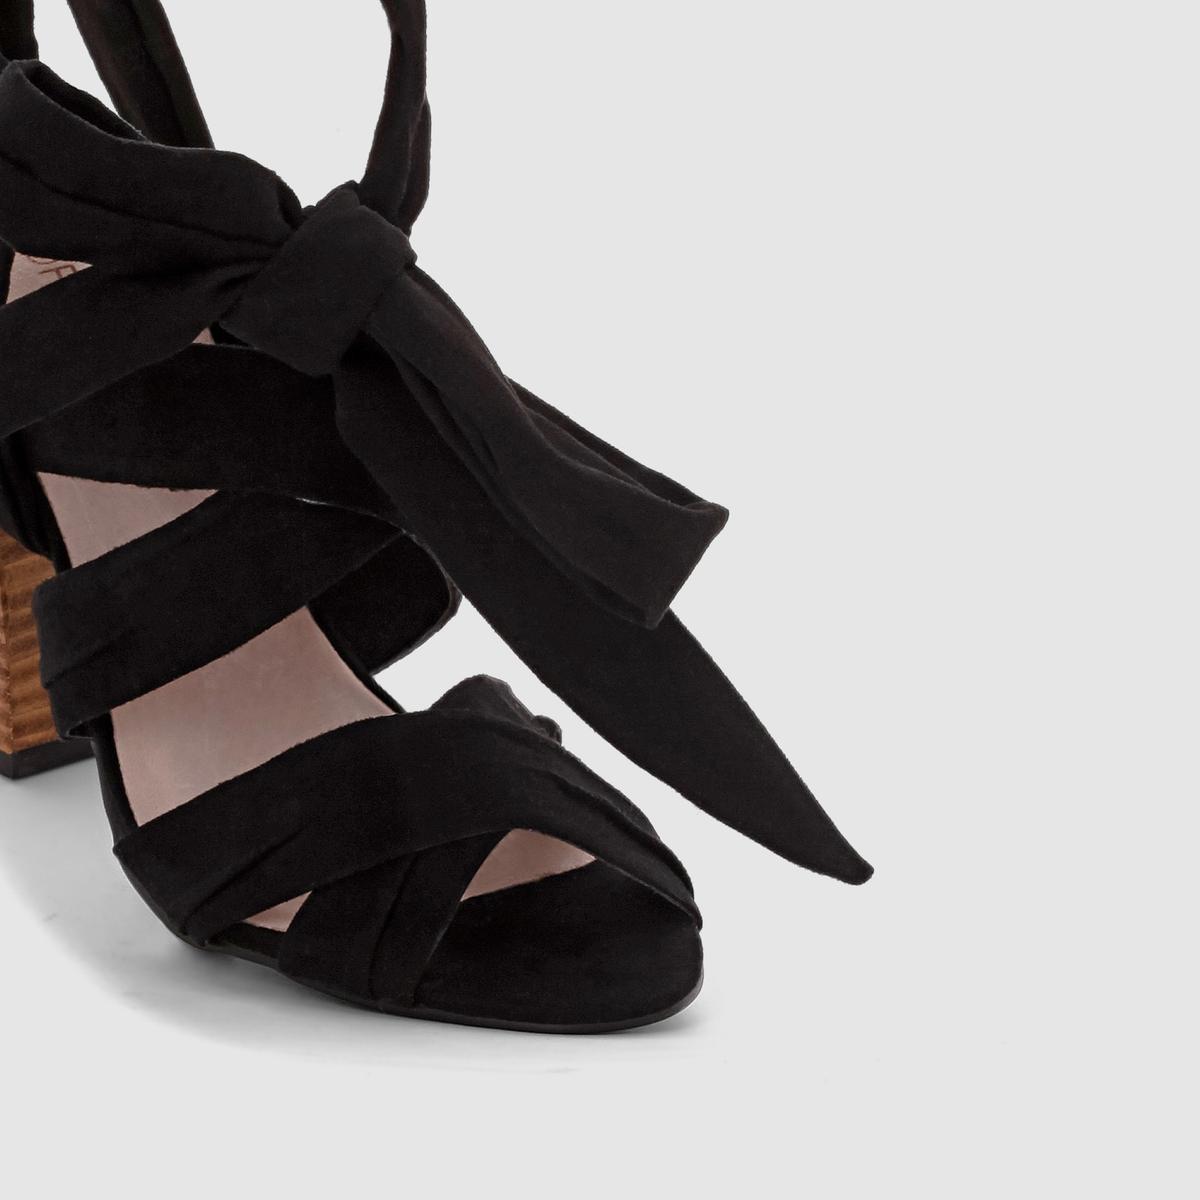 СандалииВерх : текстиль     Подкладка : кожа     Стелька : кожа      Подошва : из эластомера     Каблук : 10 см<br><br>Цвет: черный<br>Размер: 36.37.38